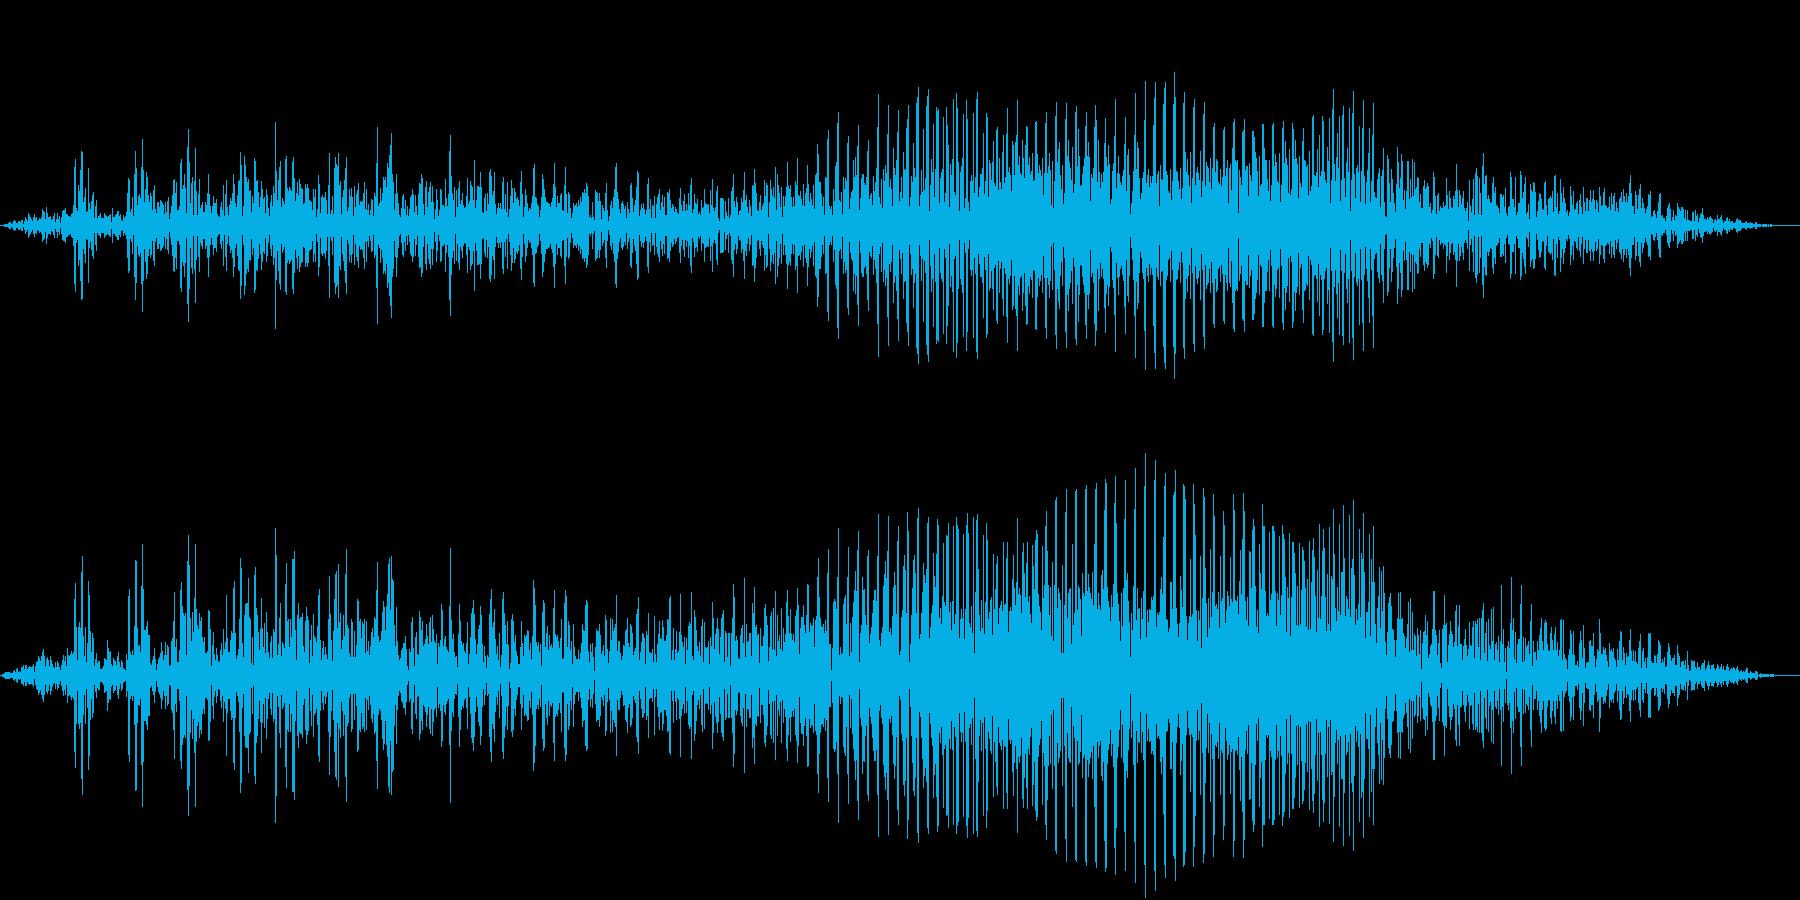 【生録音】フラミンゴの鳴き声 2の再生済みの波形